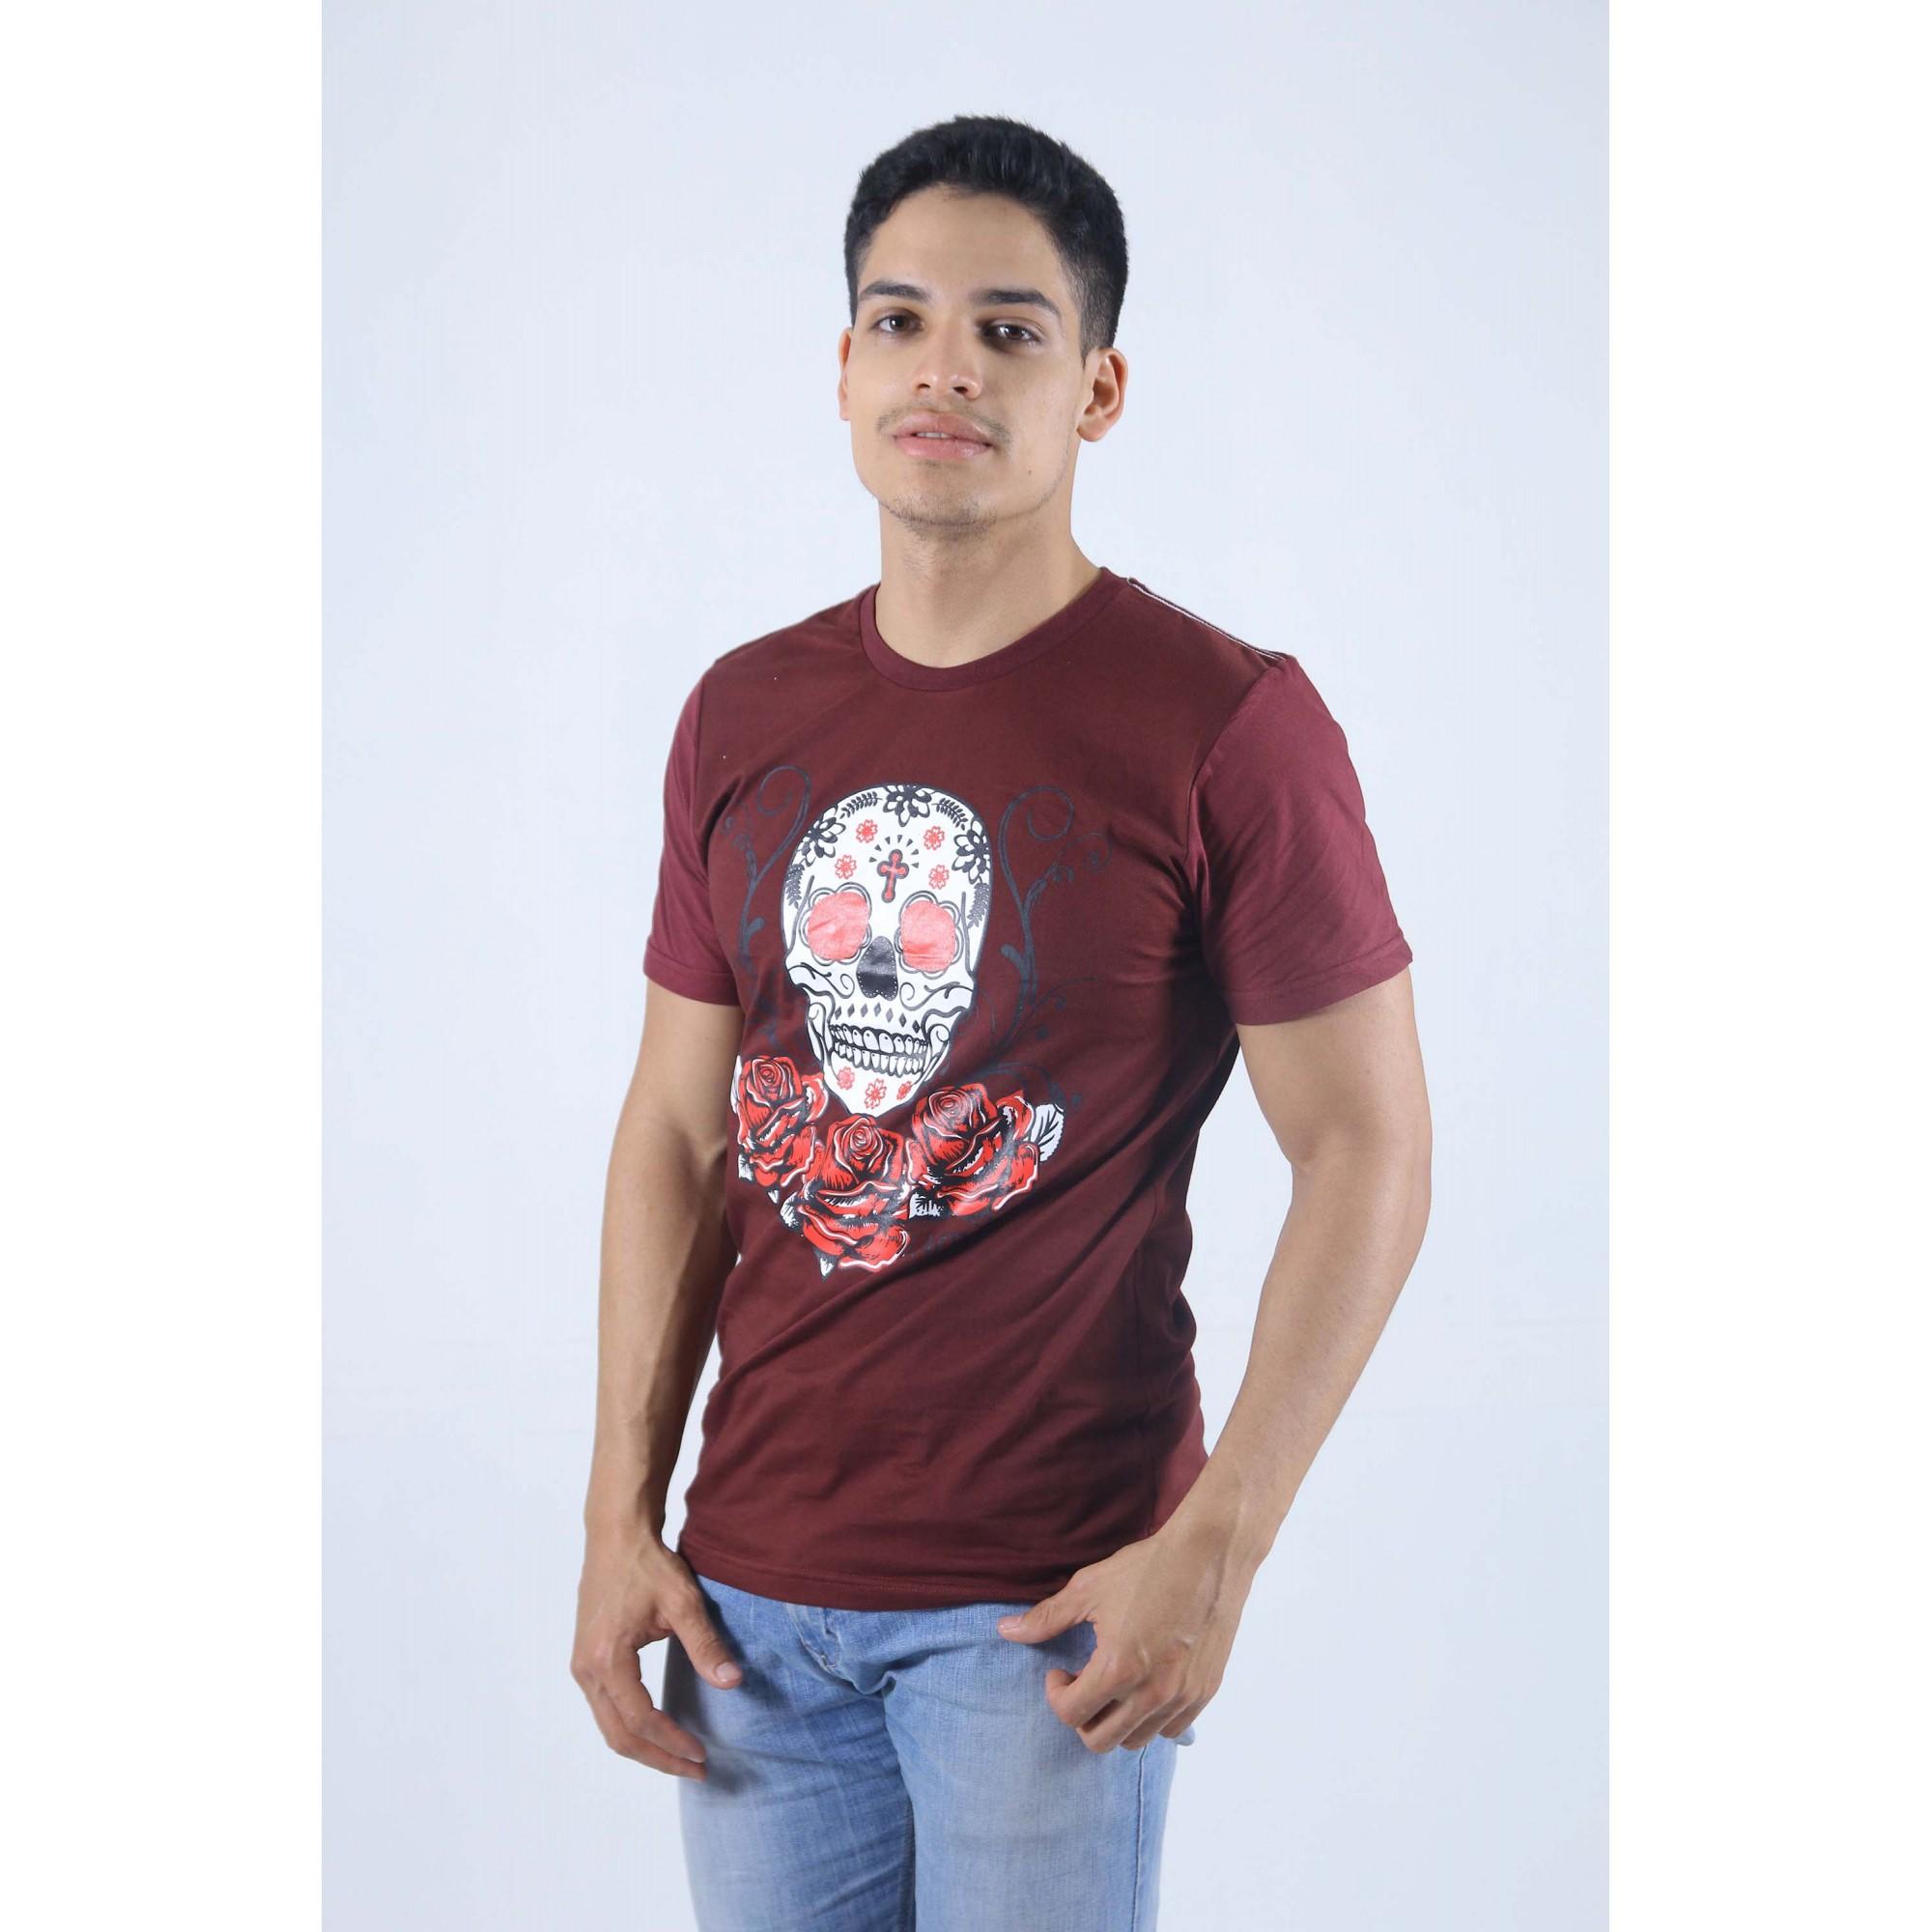 Camiseta Bordo Caveira Mexicana  - Heitor Fashion Brazil